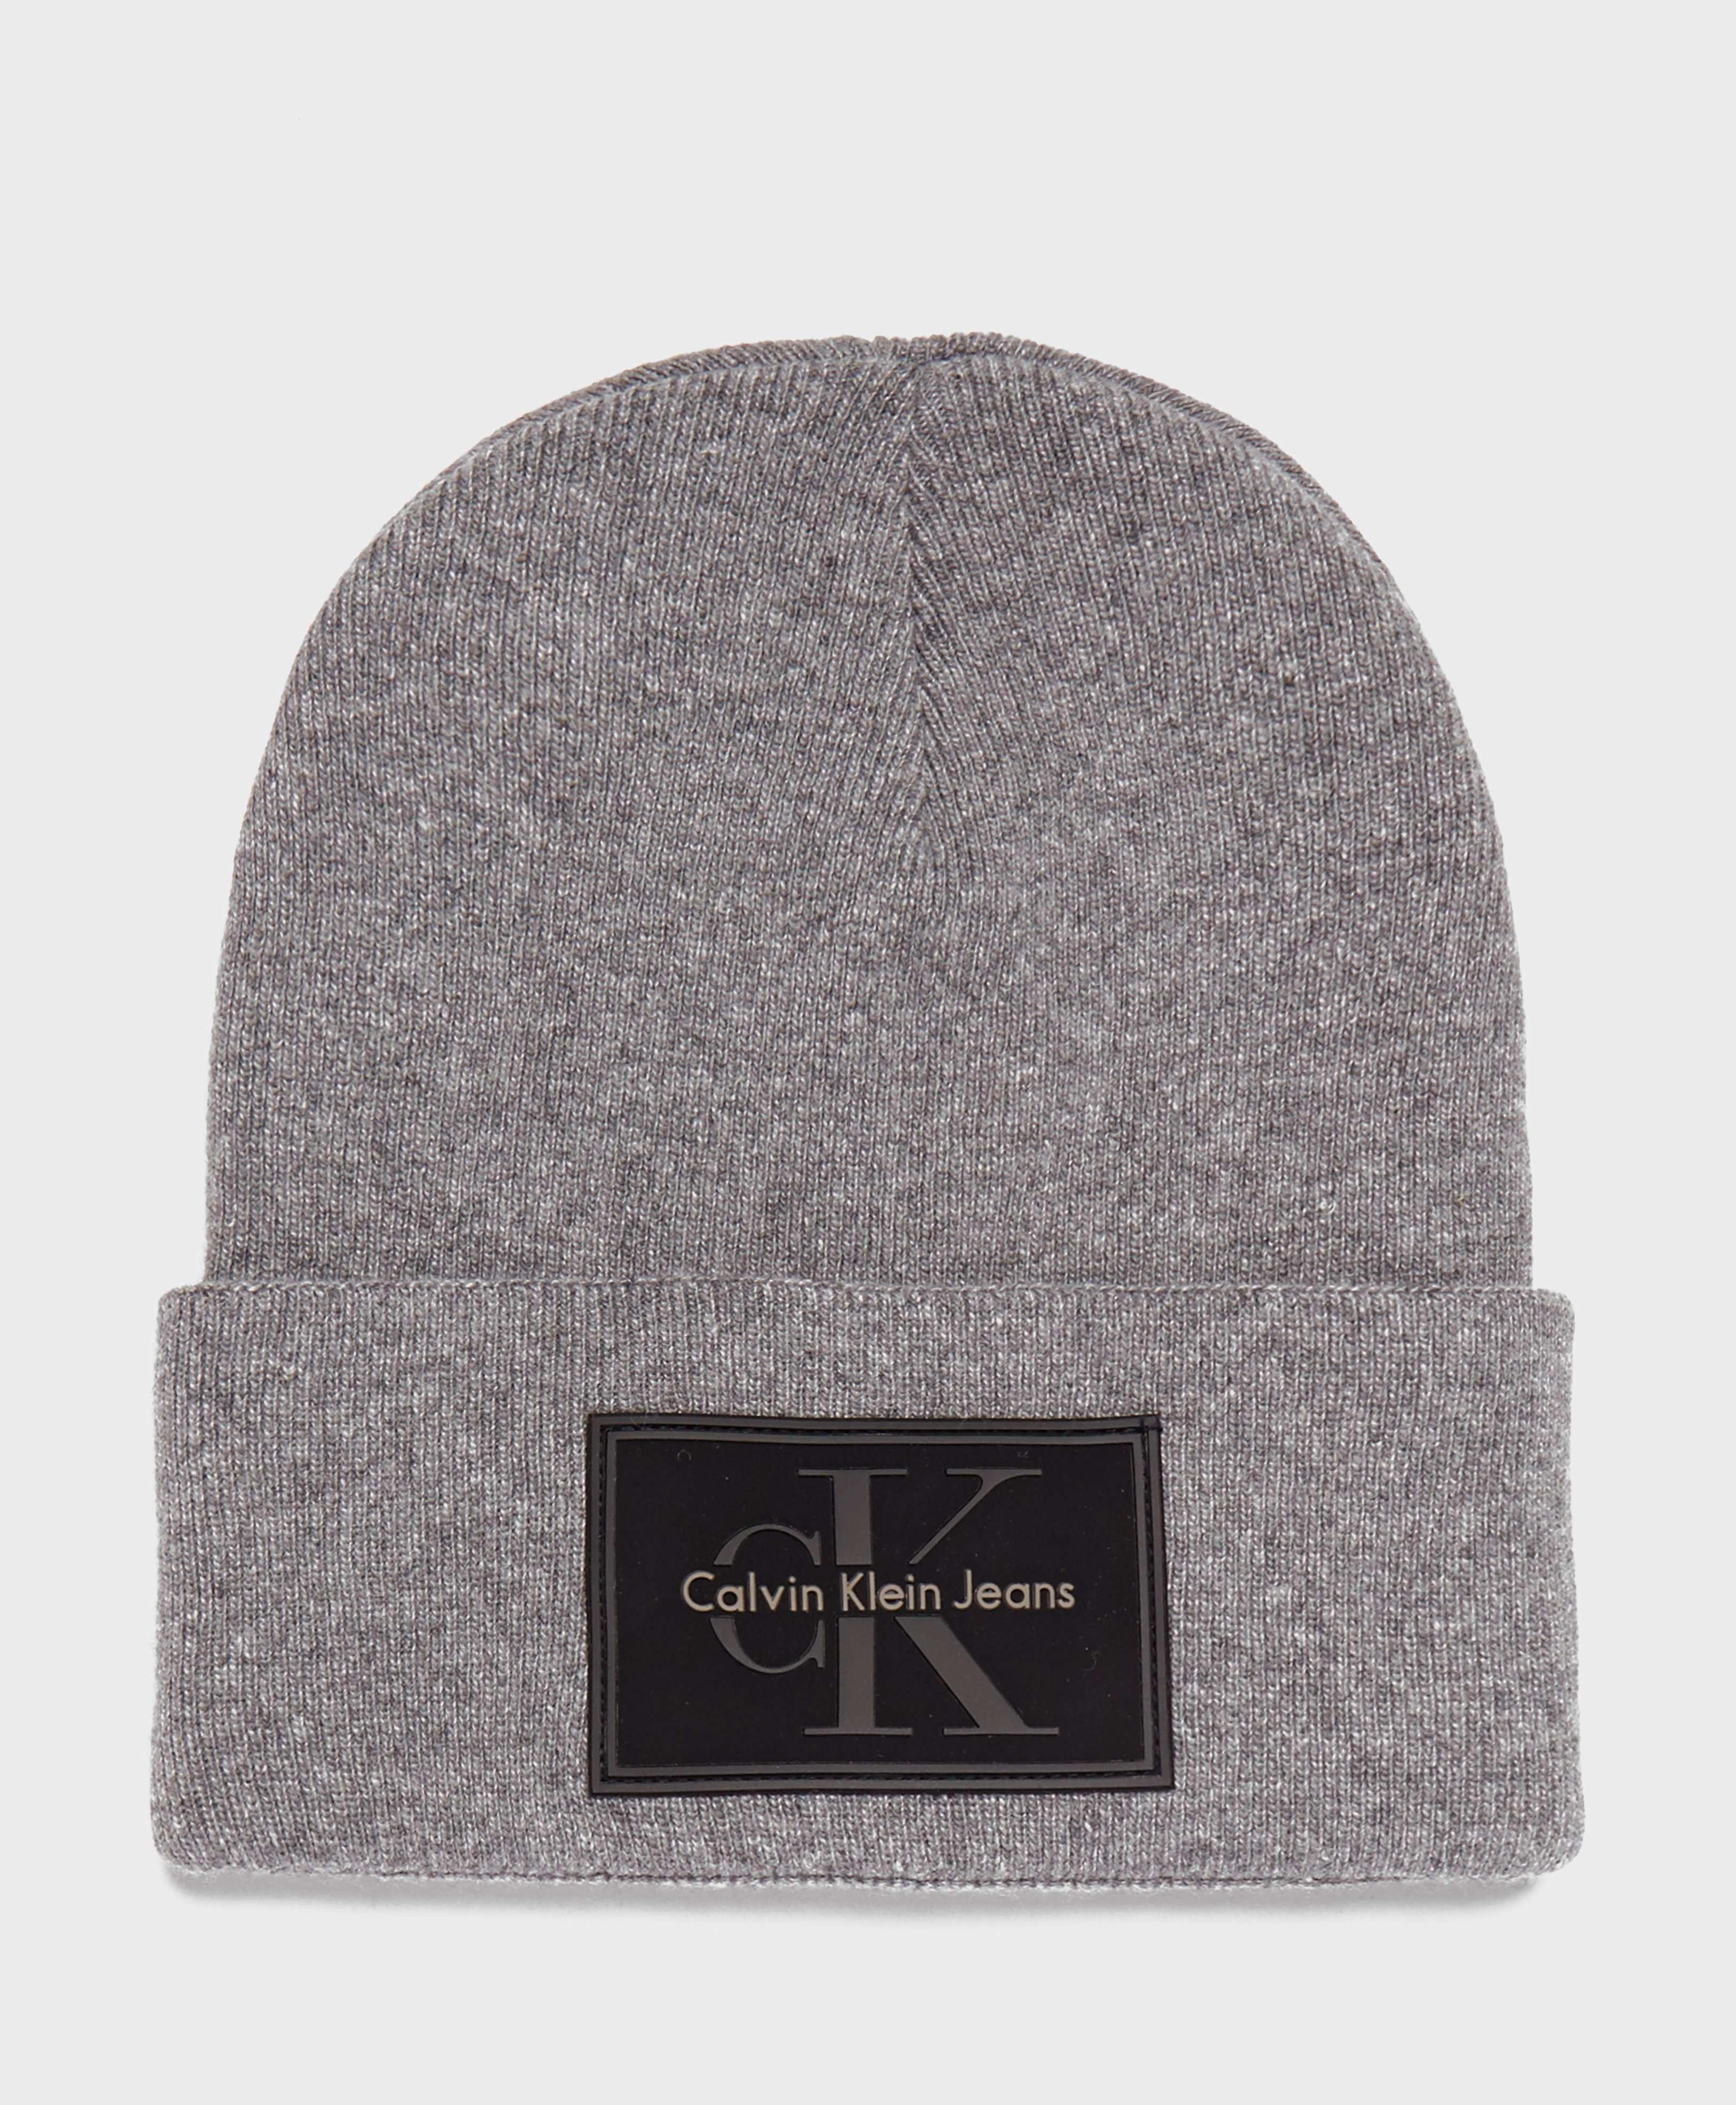 Calvin Klein Reissue Knitted Beanie